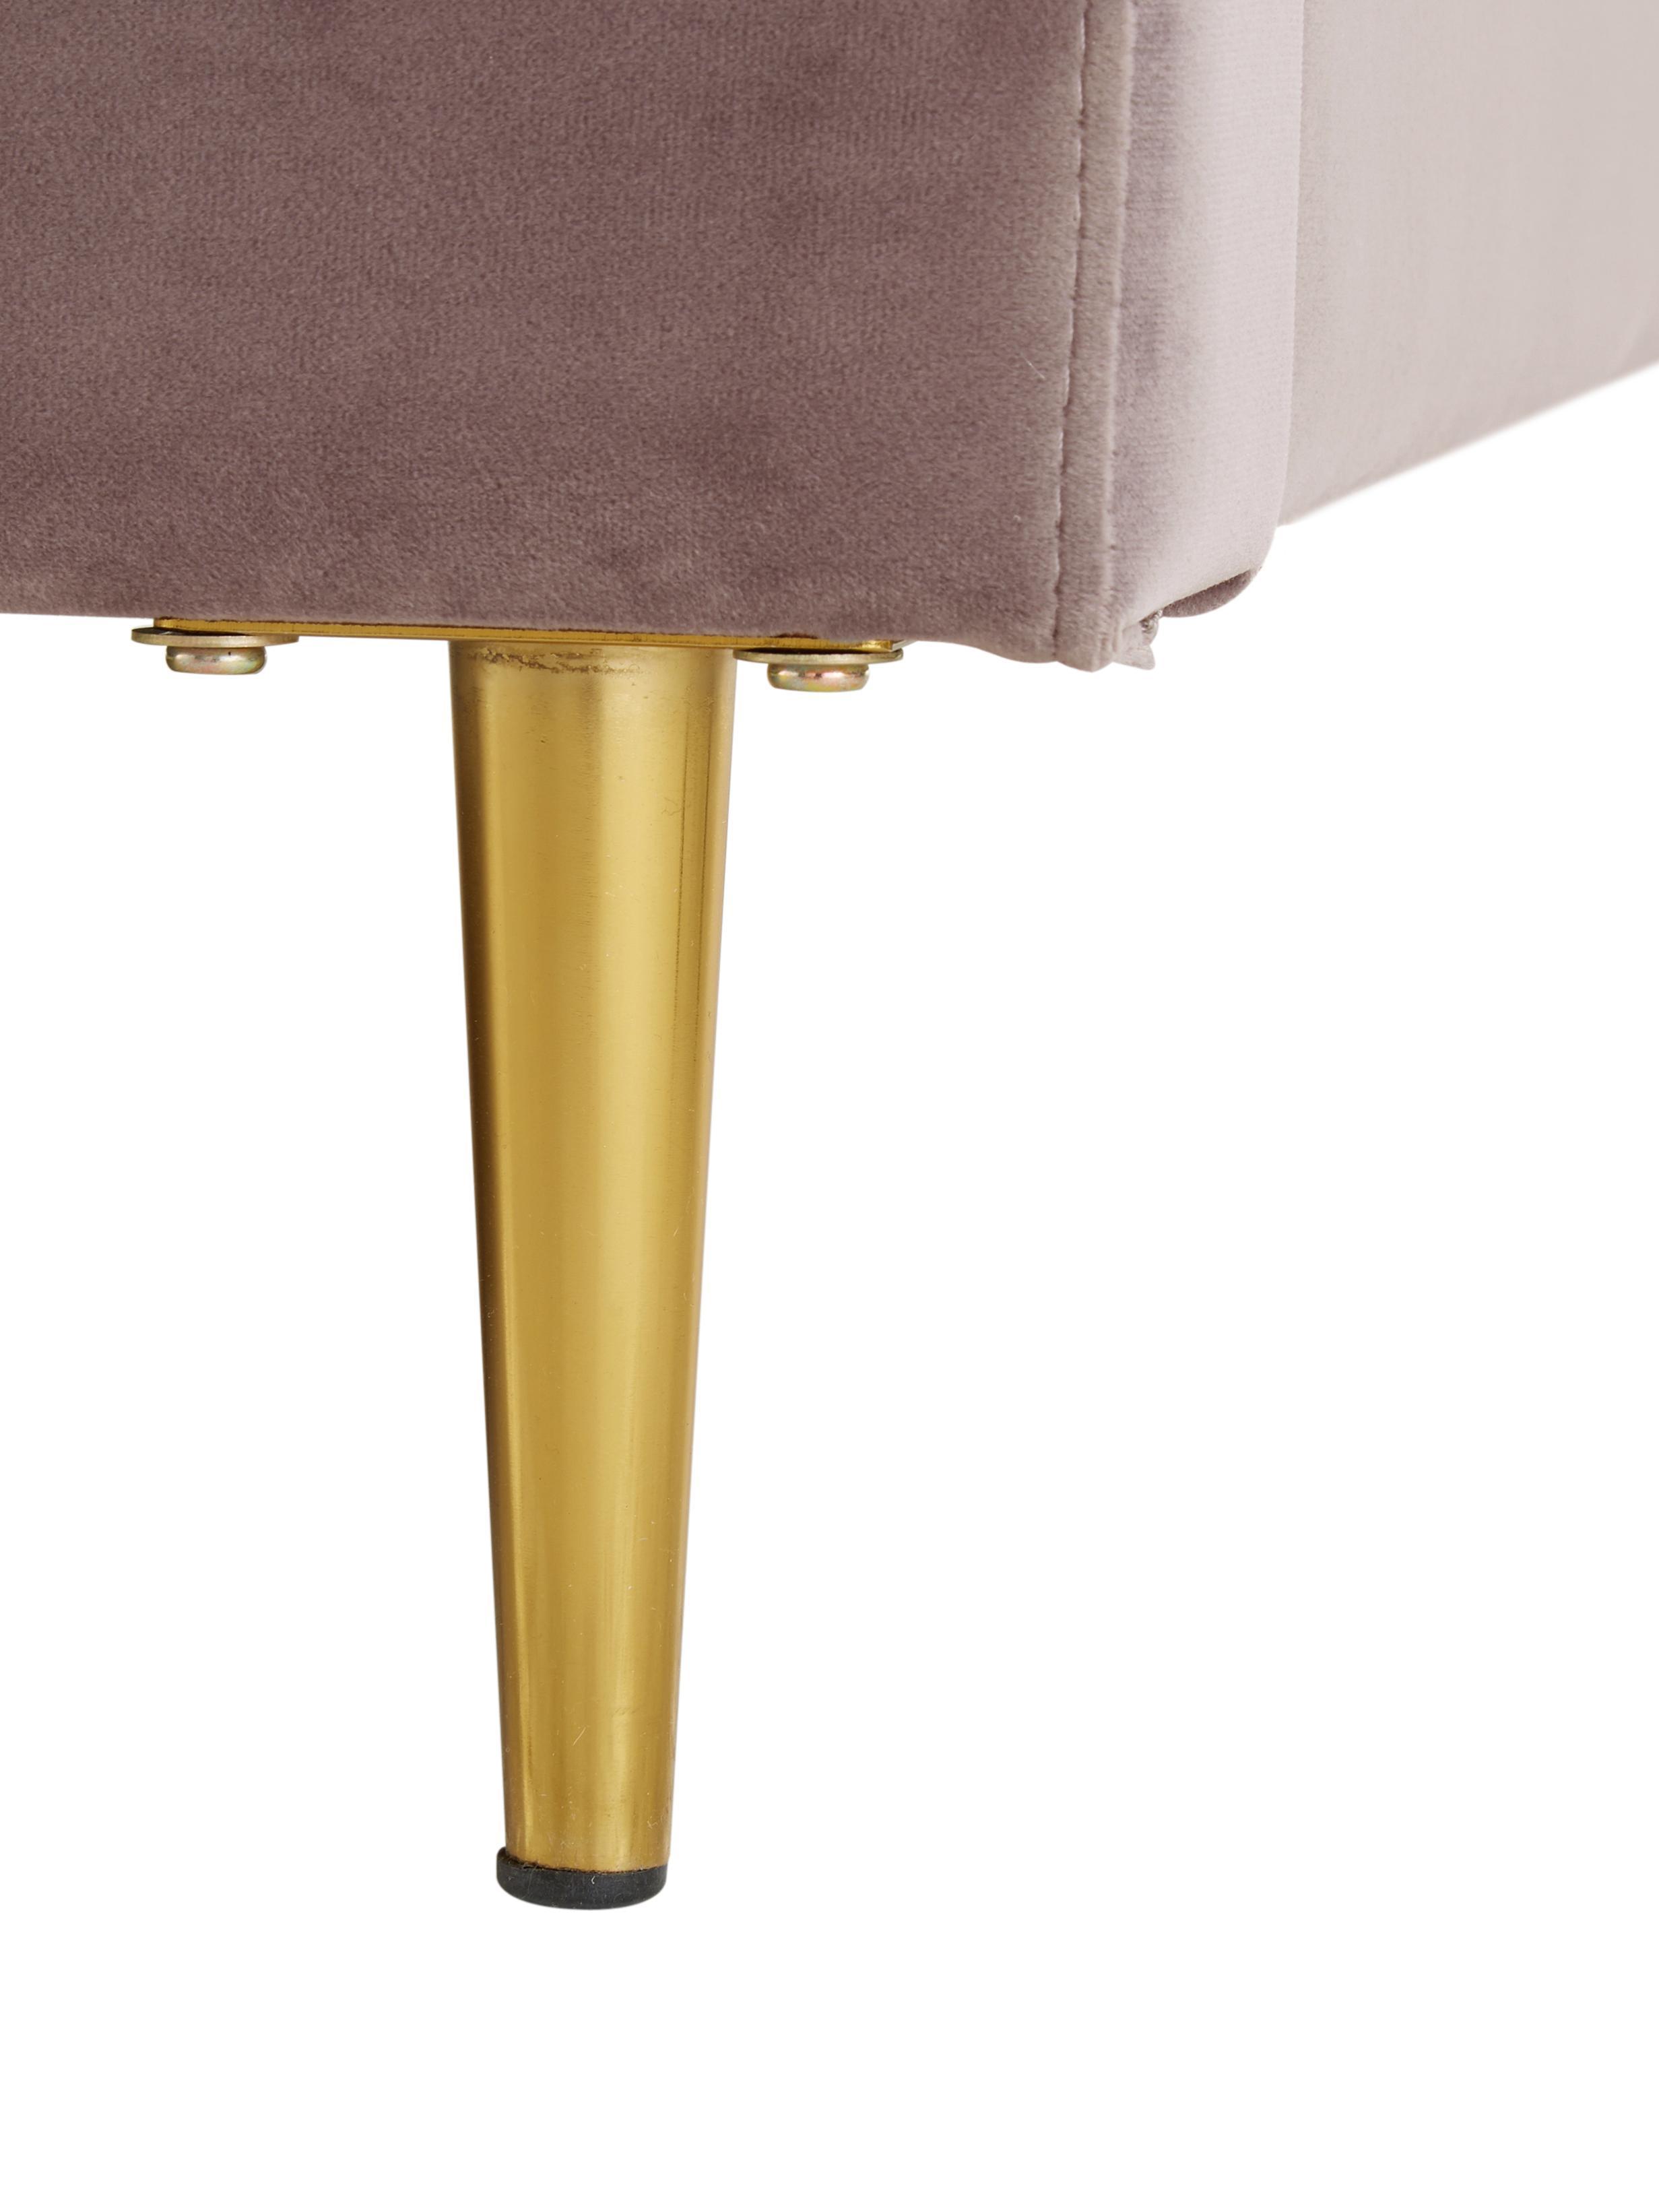 Letto matrimoniale imbottito in velluto Glamour, Piedini: metallo ottonato, Rivestimento: velluto (poliestere) 100., Rivestimento: rosa cipria Piedini: dorato lucido, 160 x 200 cm